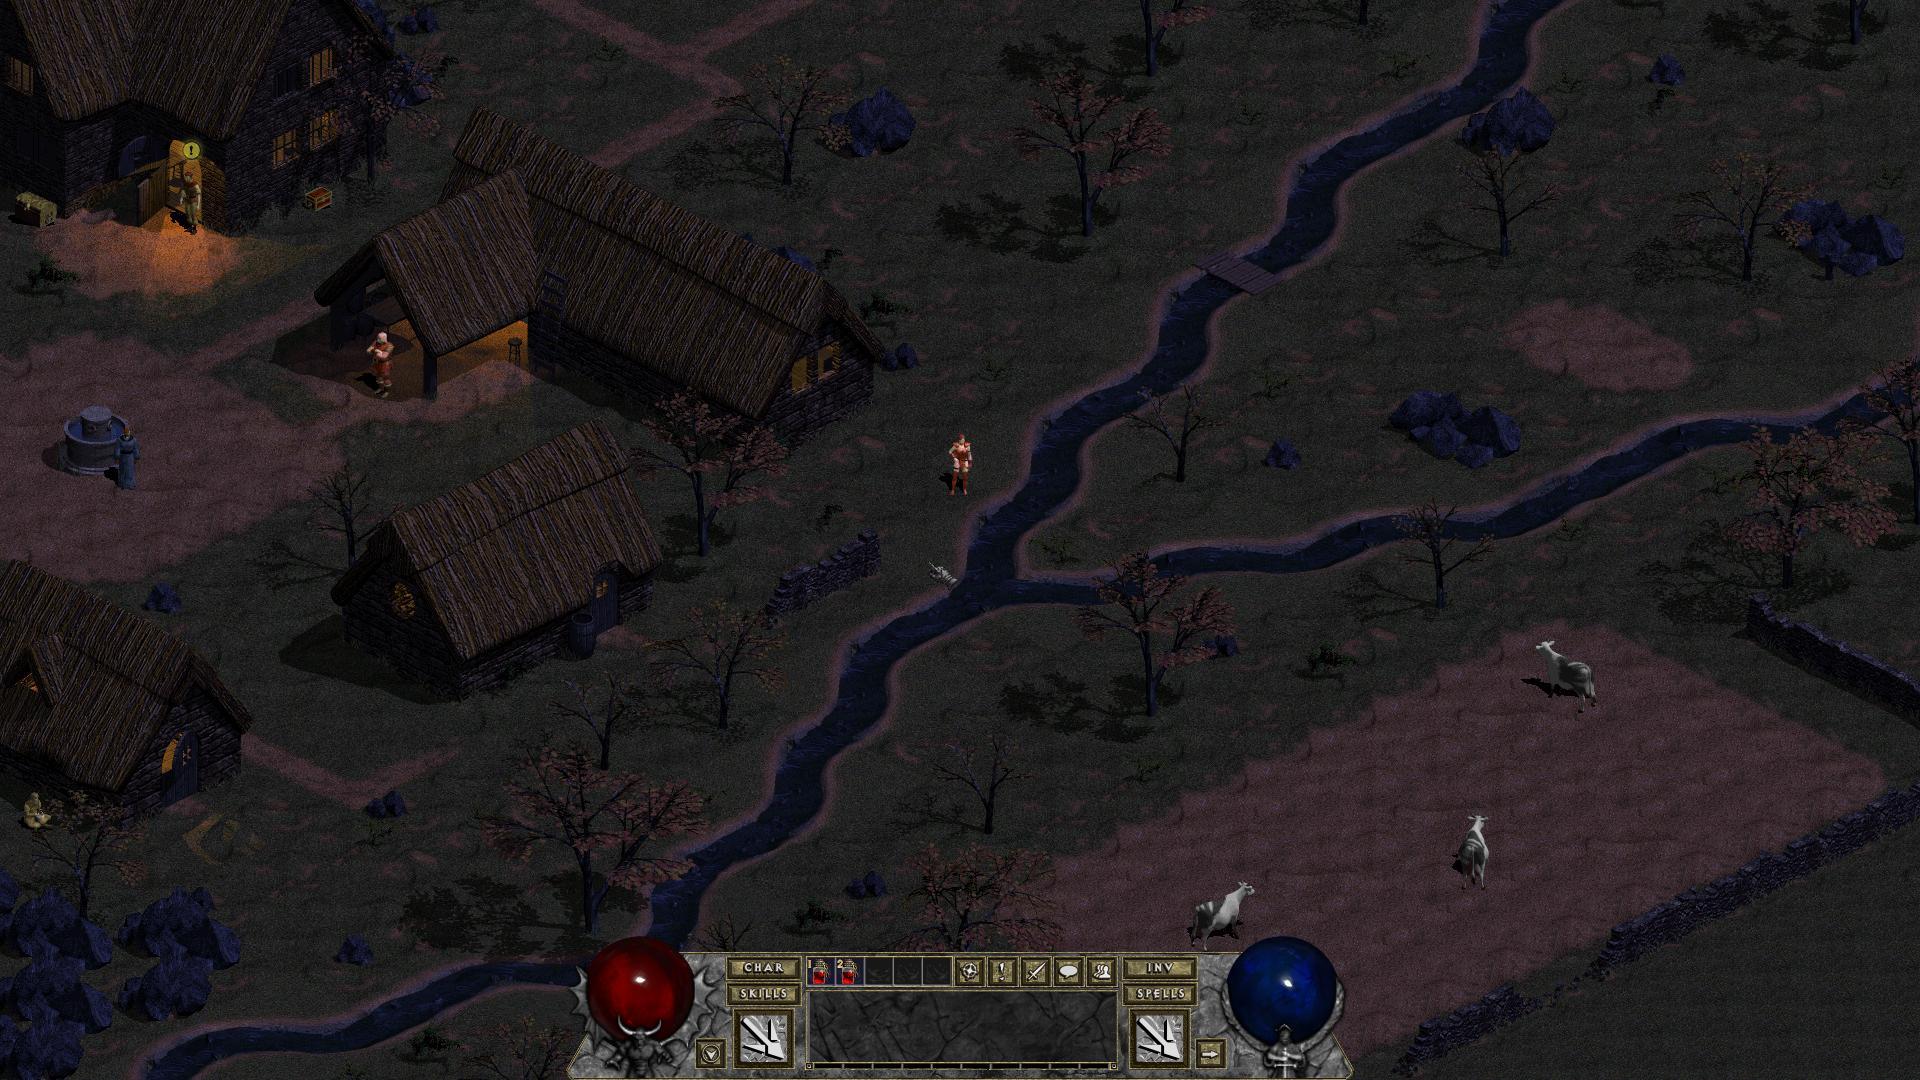 暗黑破坏神地狱火:高清重制版截图3